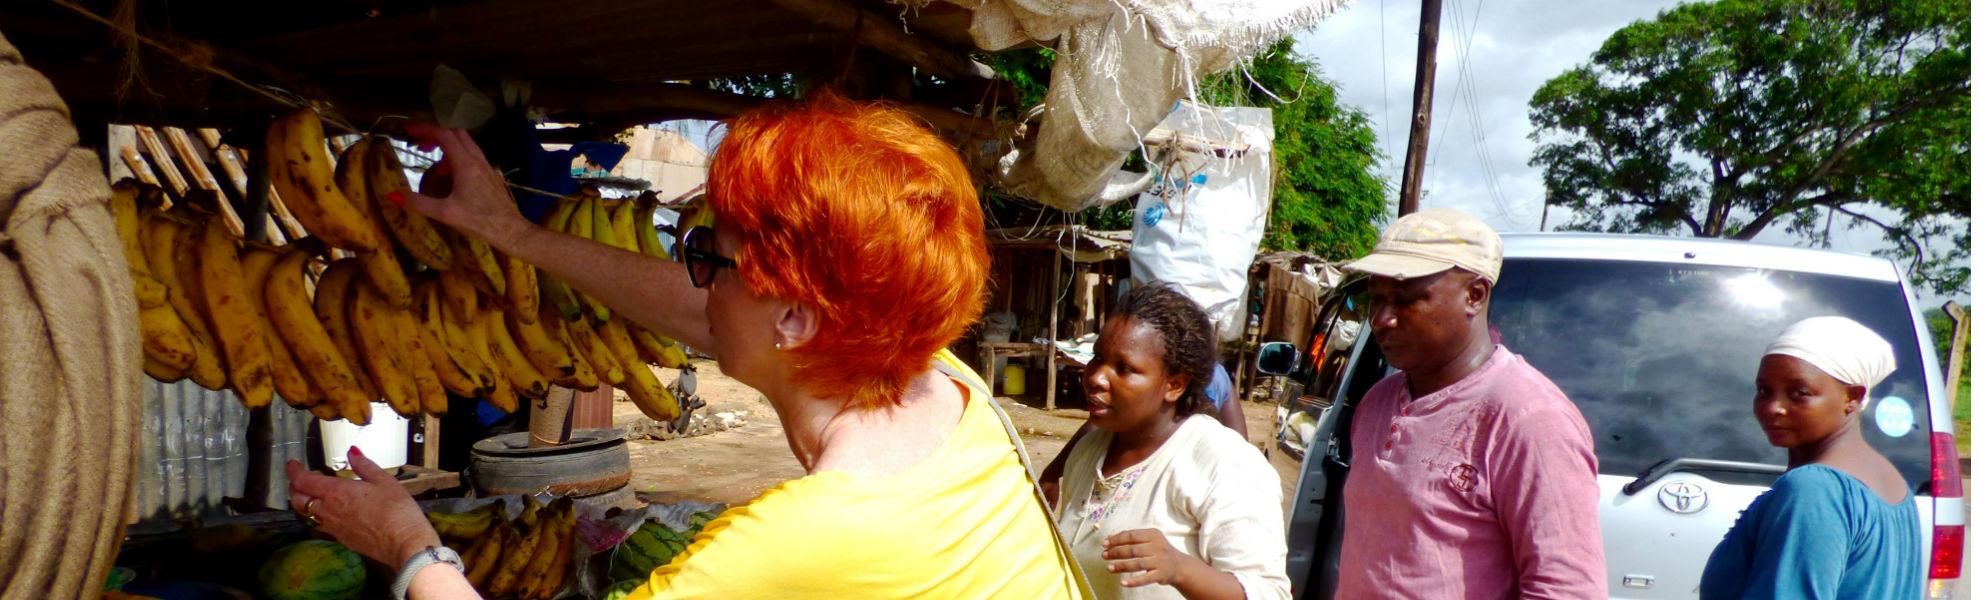 Sicherheit in Kenia - Reisekontor Schmidt Inhaberin Marina Schmidt in Kenia